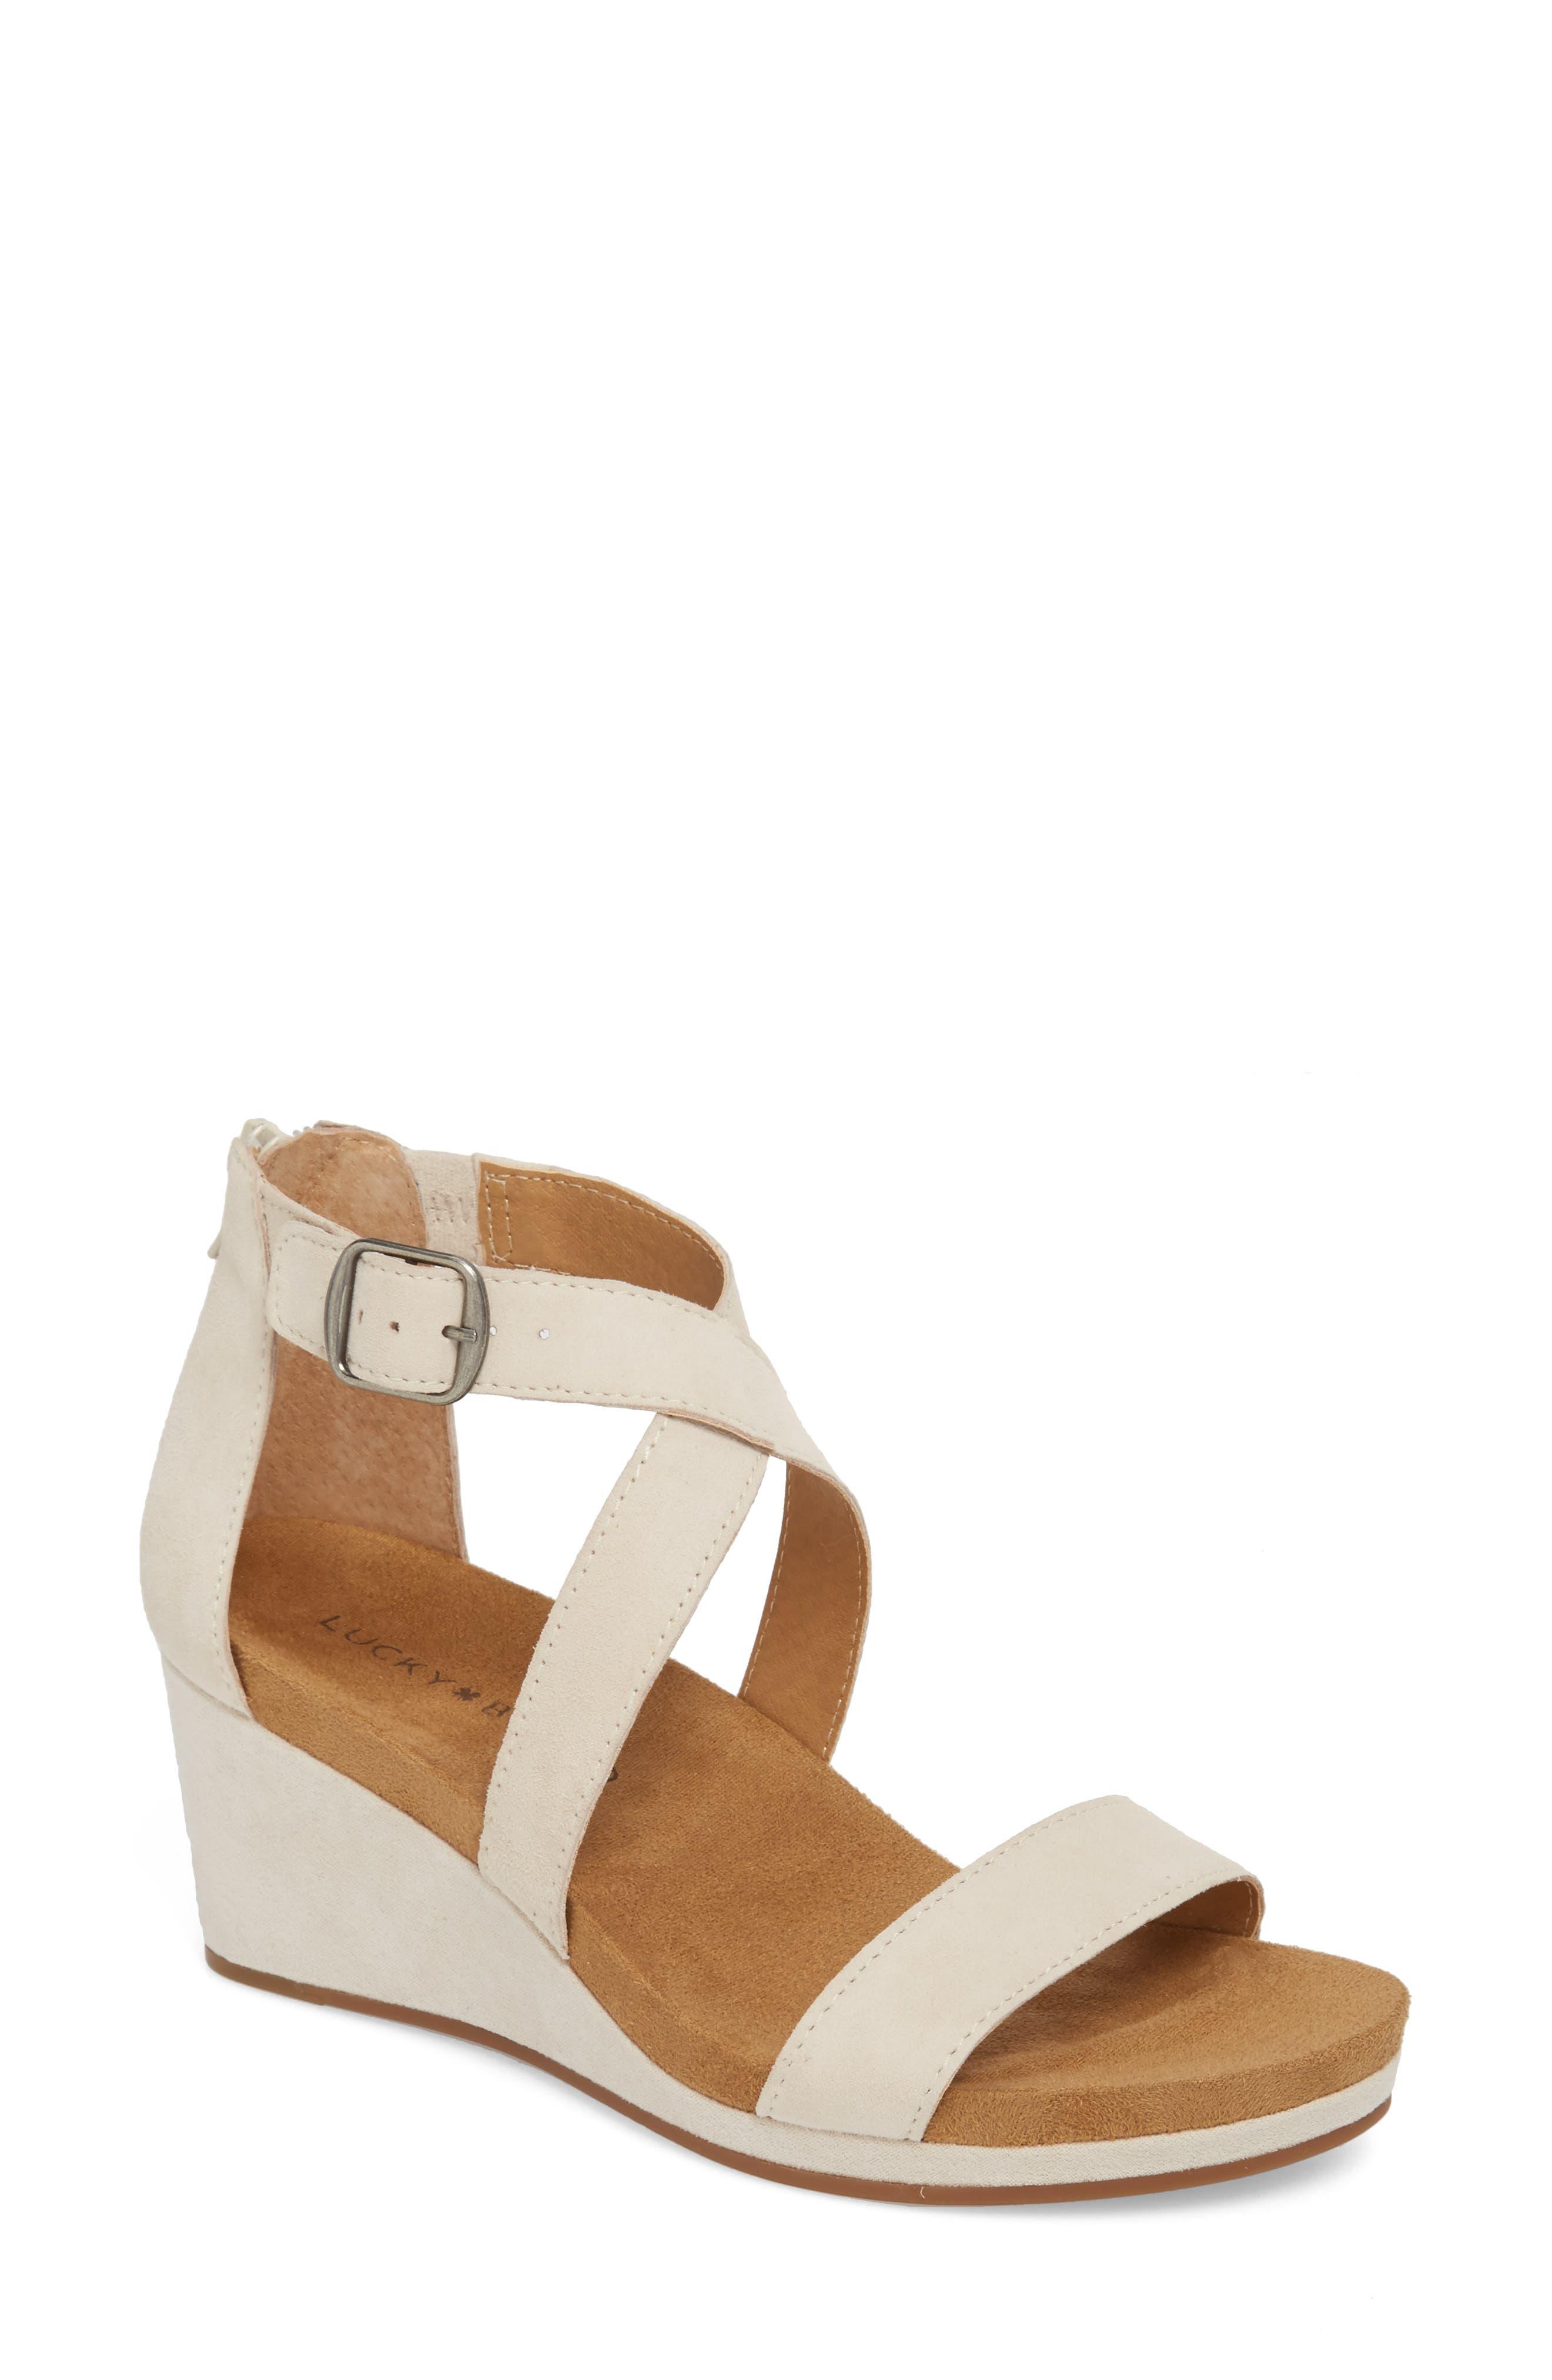 Kenadee Wedge Sandal,                         Main,                         color, SANDSHELL SUEDE